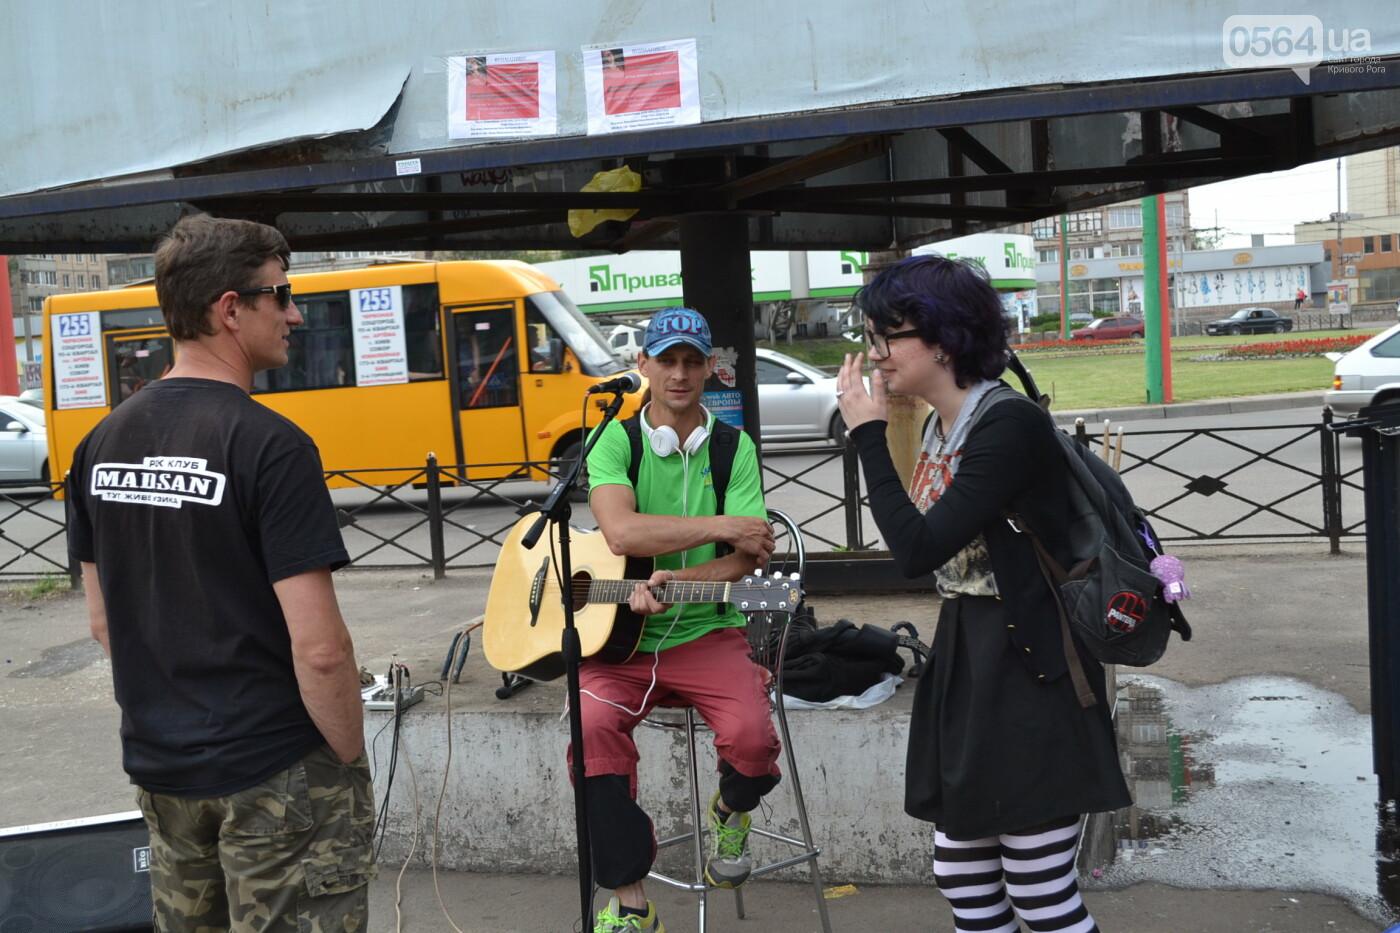 Концерт от Madisan Rock Club: криворожские музыканты поддержали юную Алину Михалковскую, - ФОТО, ВИДЕО, фото-21